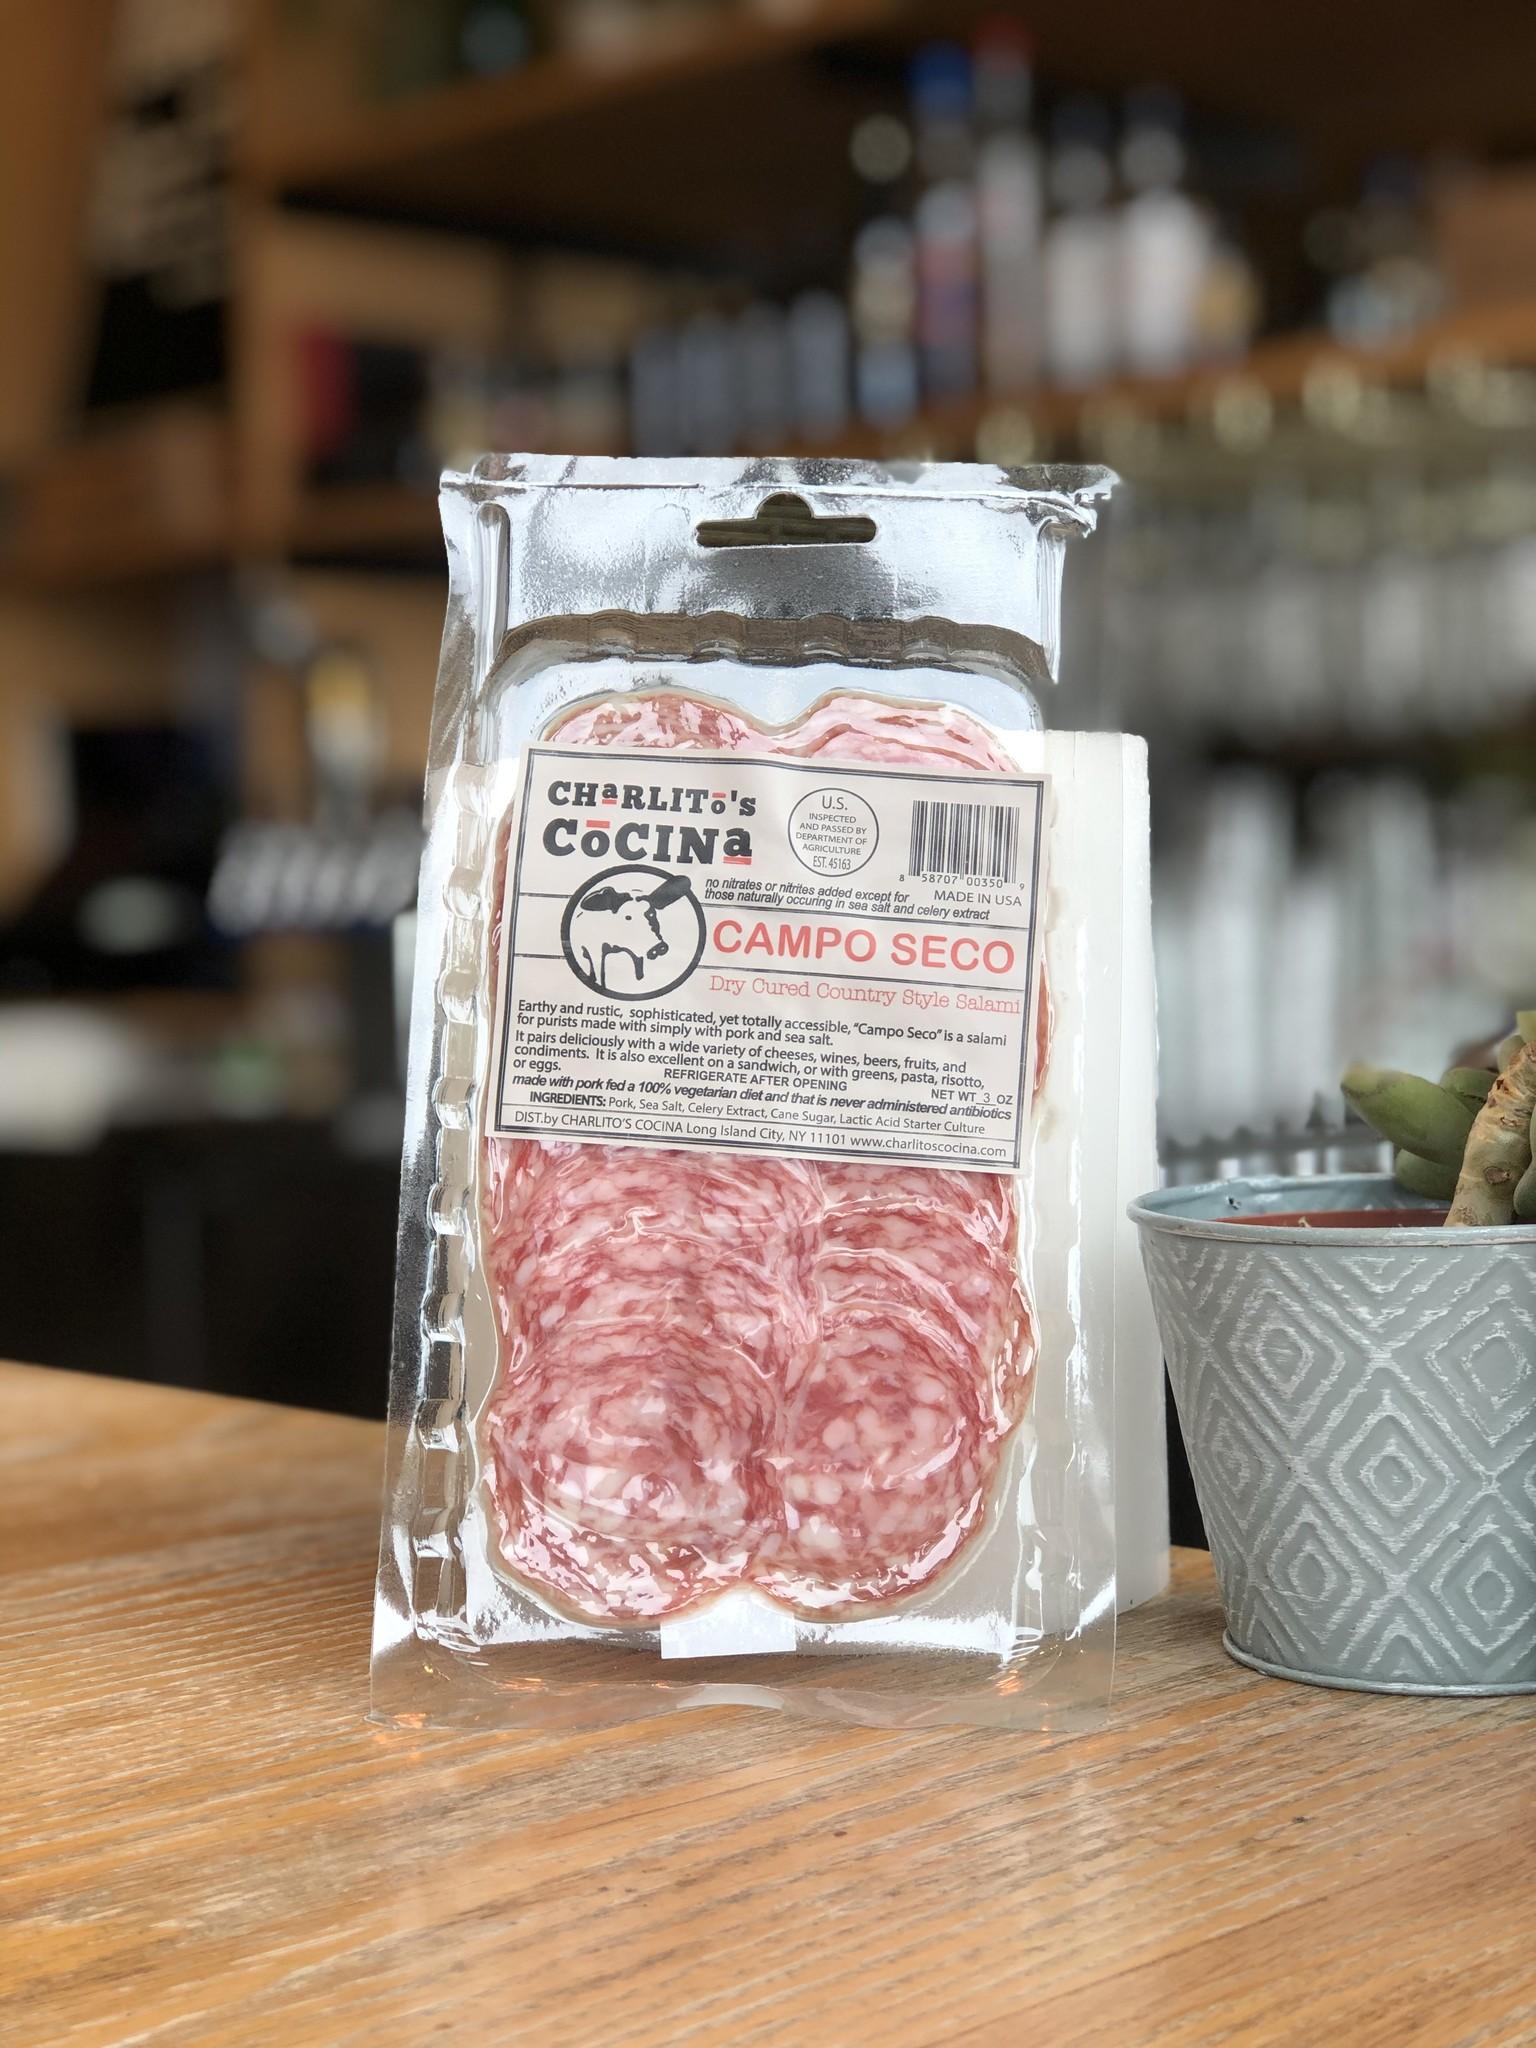 Charlito's Cocina Charlito's Cocina Sliced Campo Seco 3oz